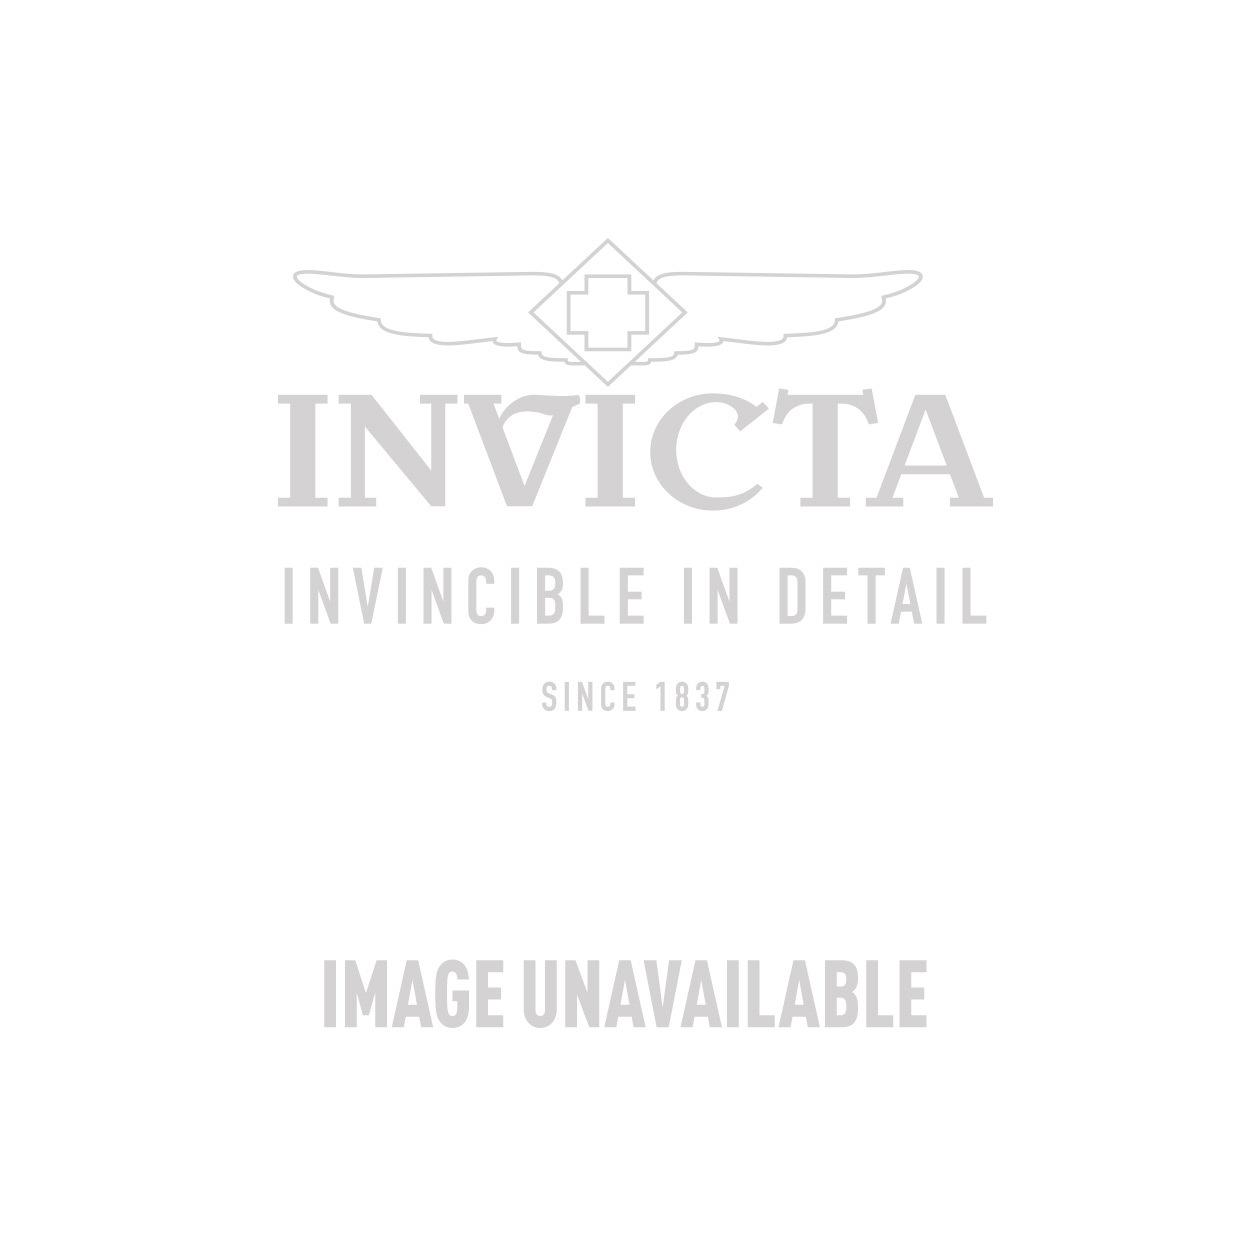 Invicta Model 28029